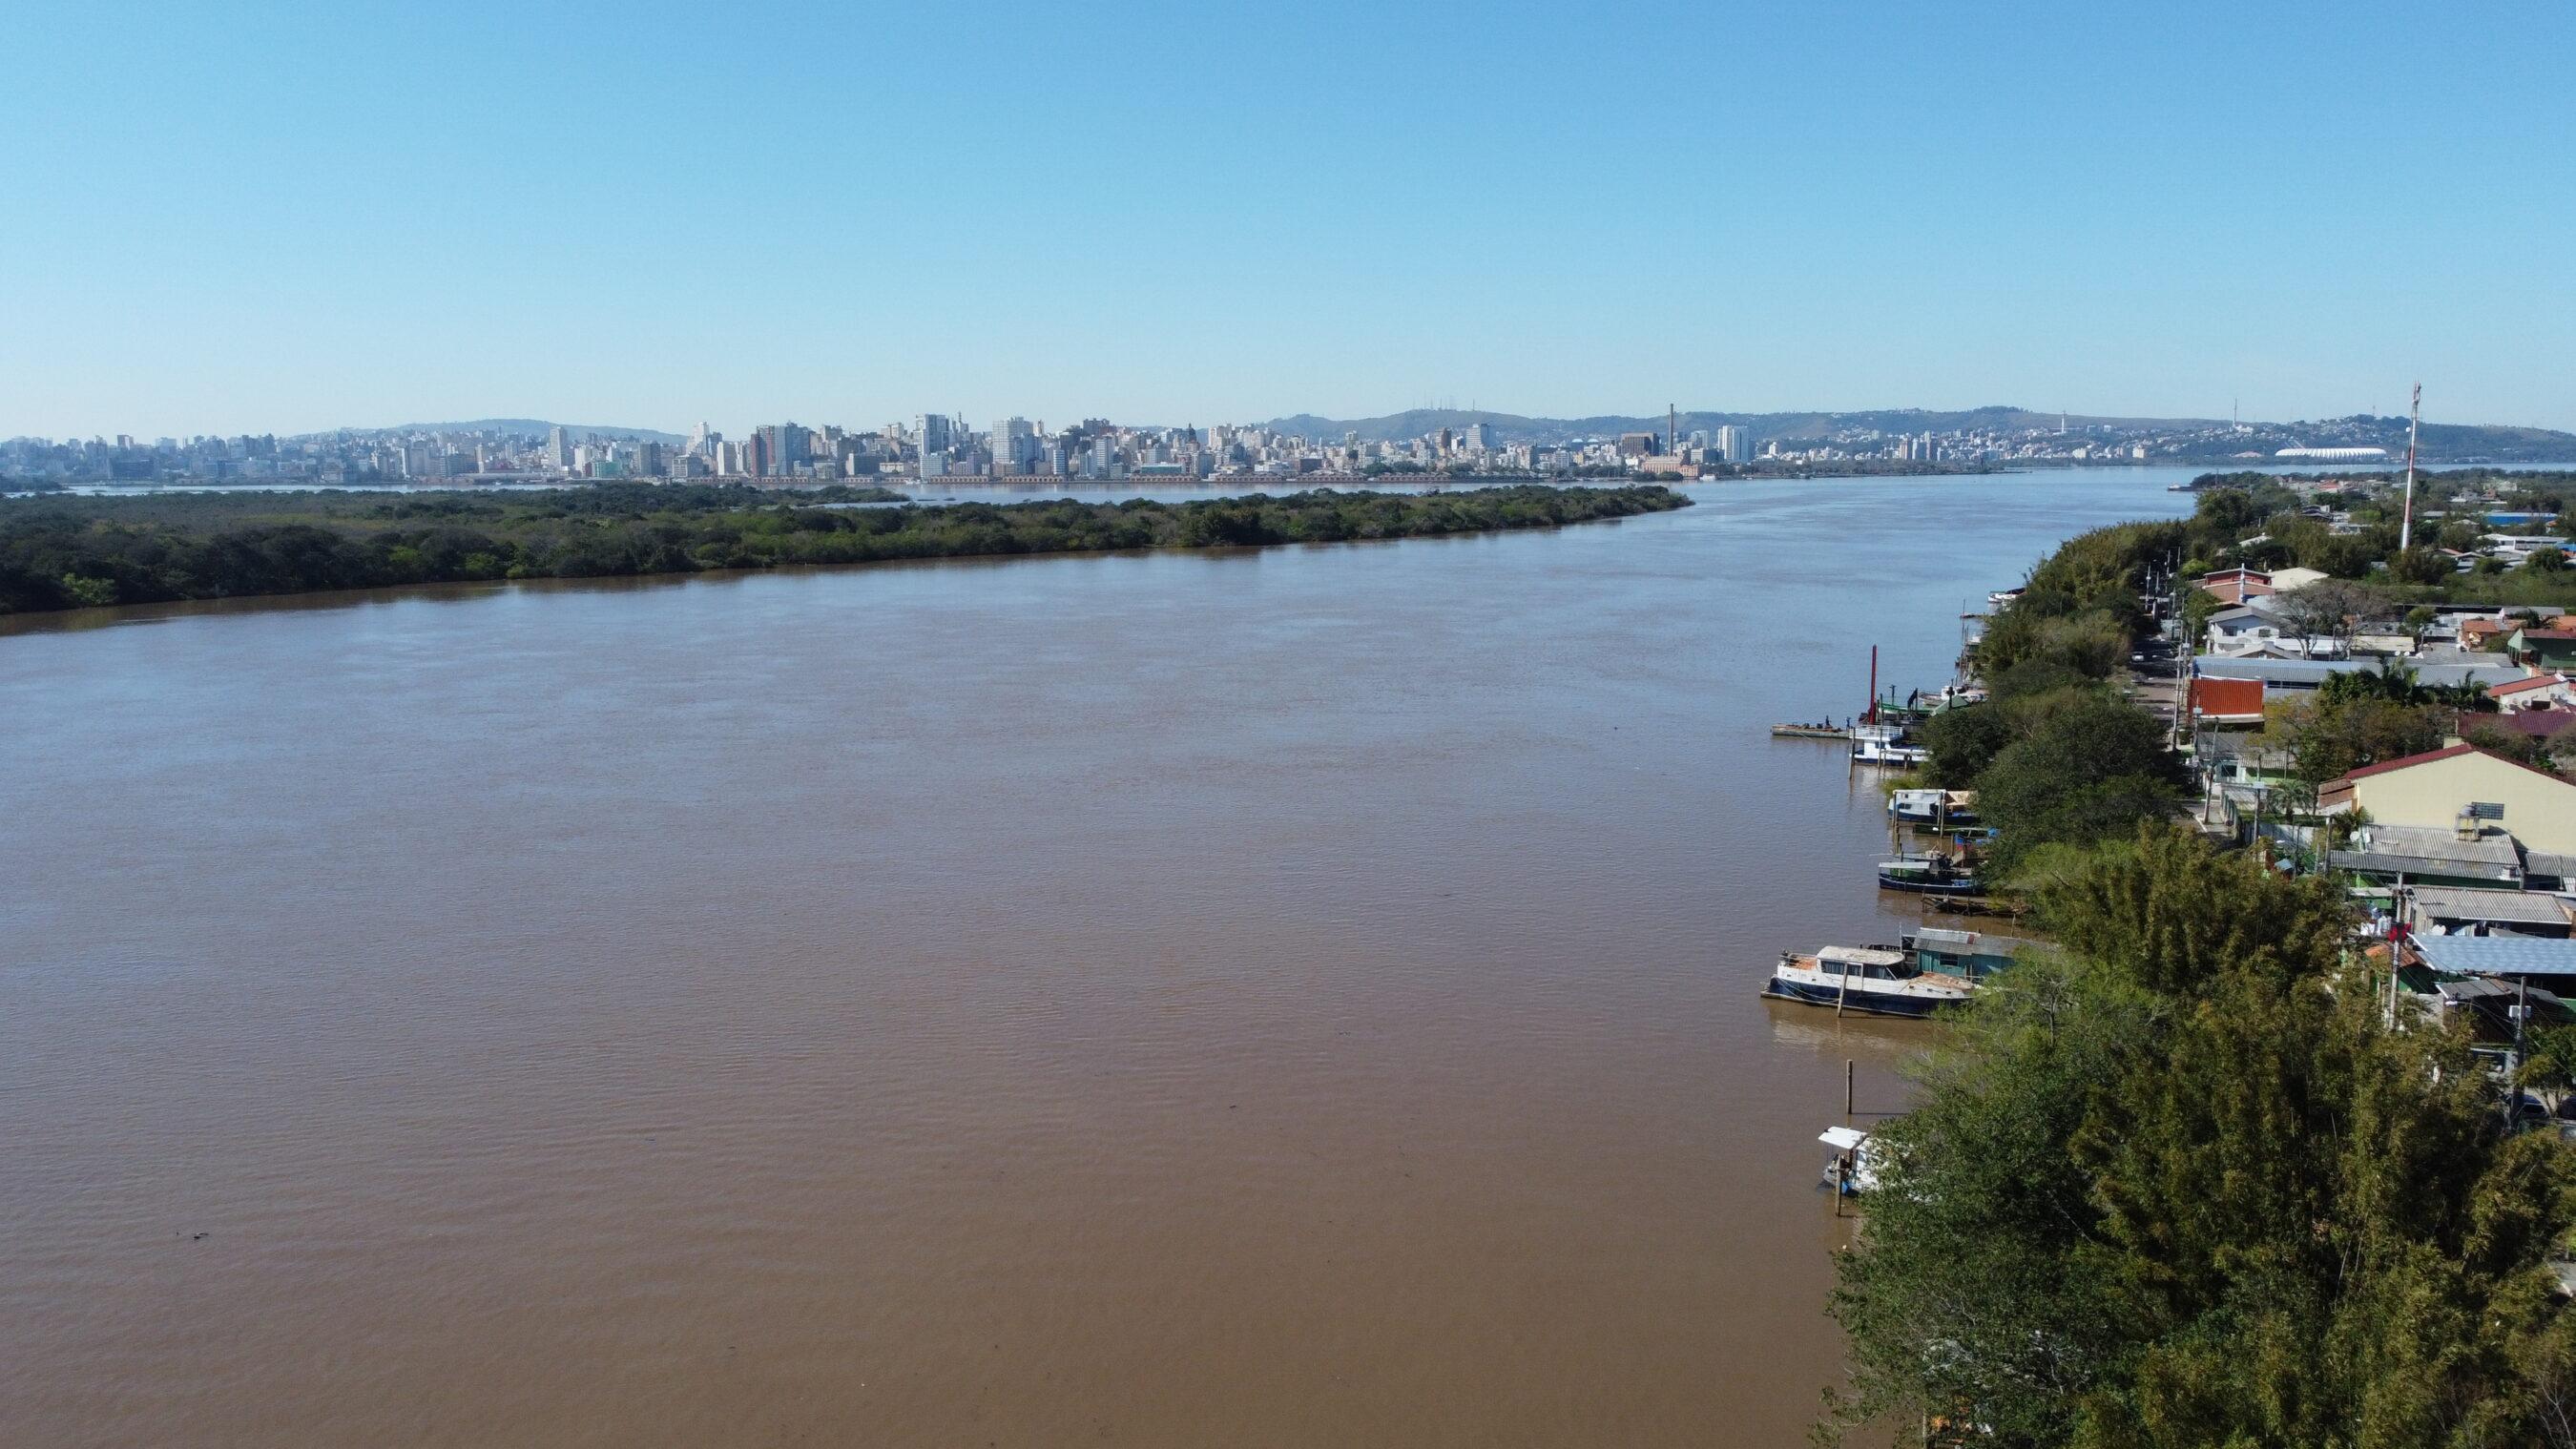 Segundo o IBGE, três rios gaúchos que desaguam no Guaíba (fotos) estão entre os dez mais poluídos do país: Sinos e Gravataí, respectivamente, o quarto e o quinto, e o Caí, o oitavo